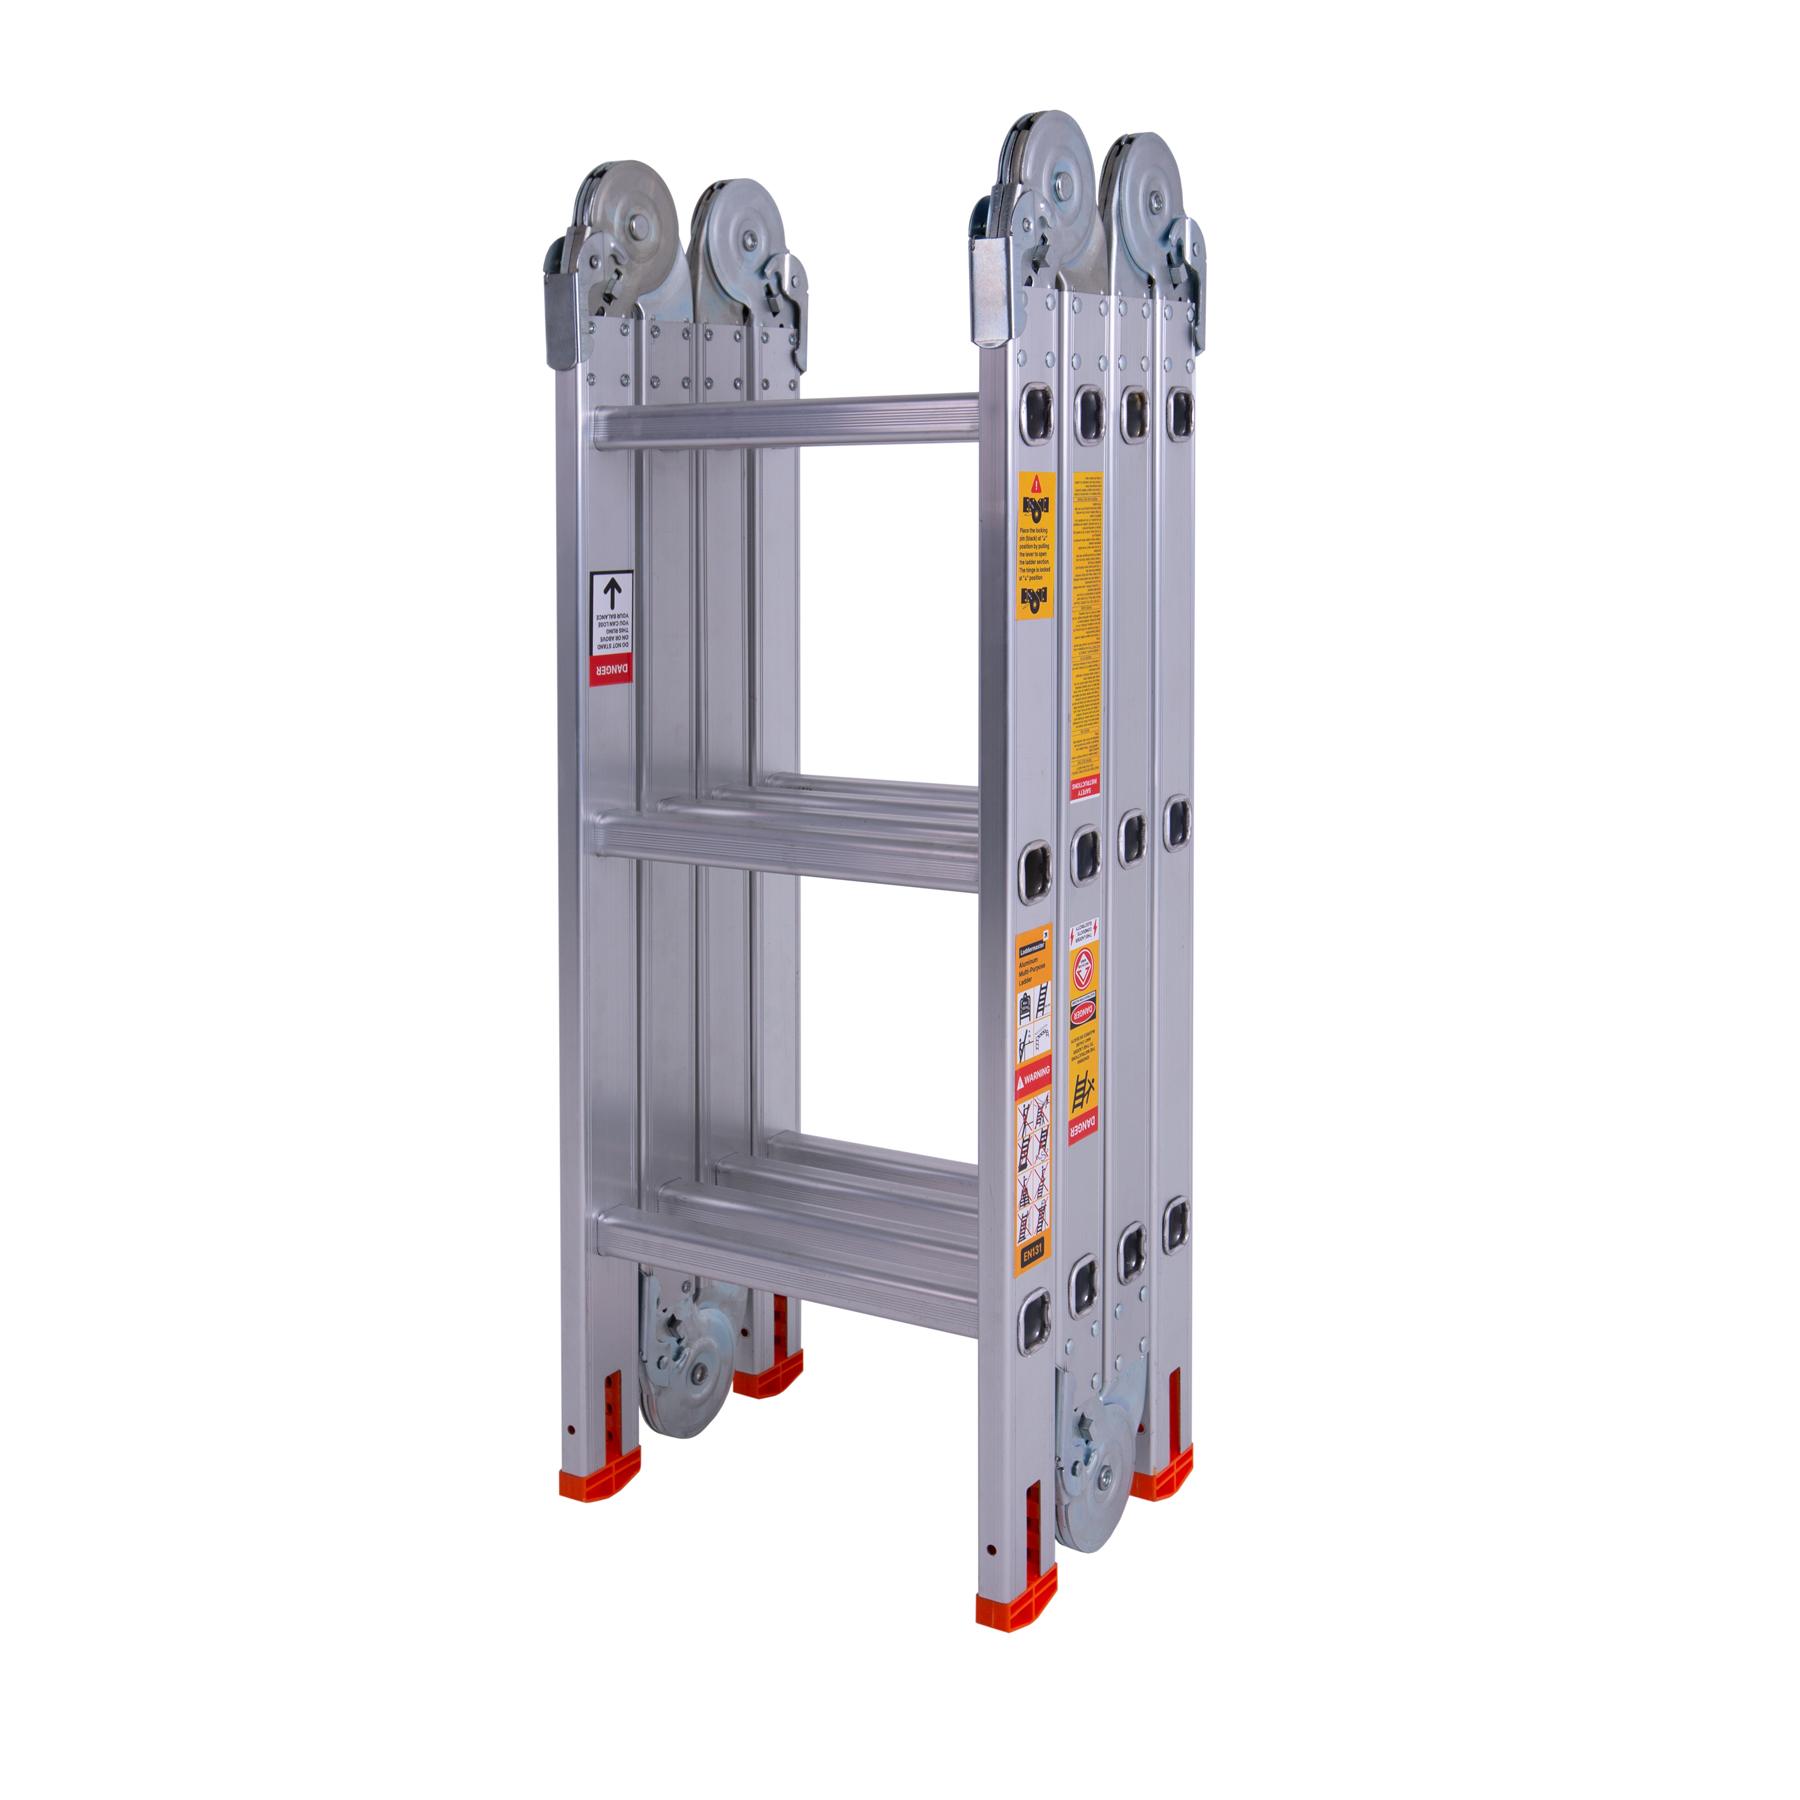 сложенная шарнирная лестница на 3 ступеньки